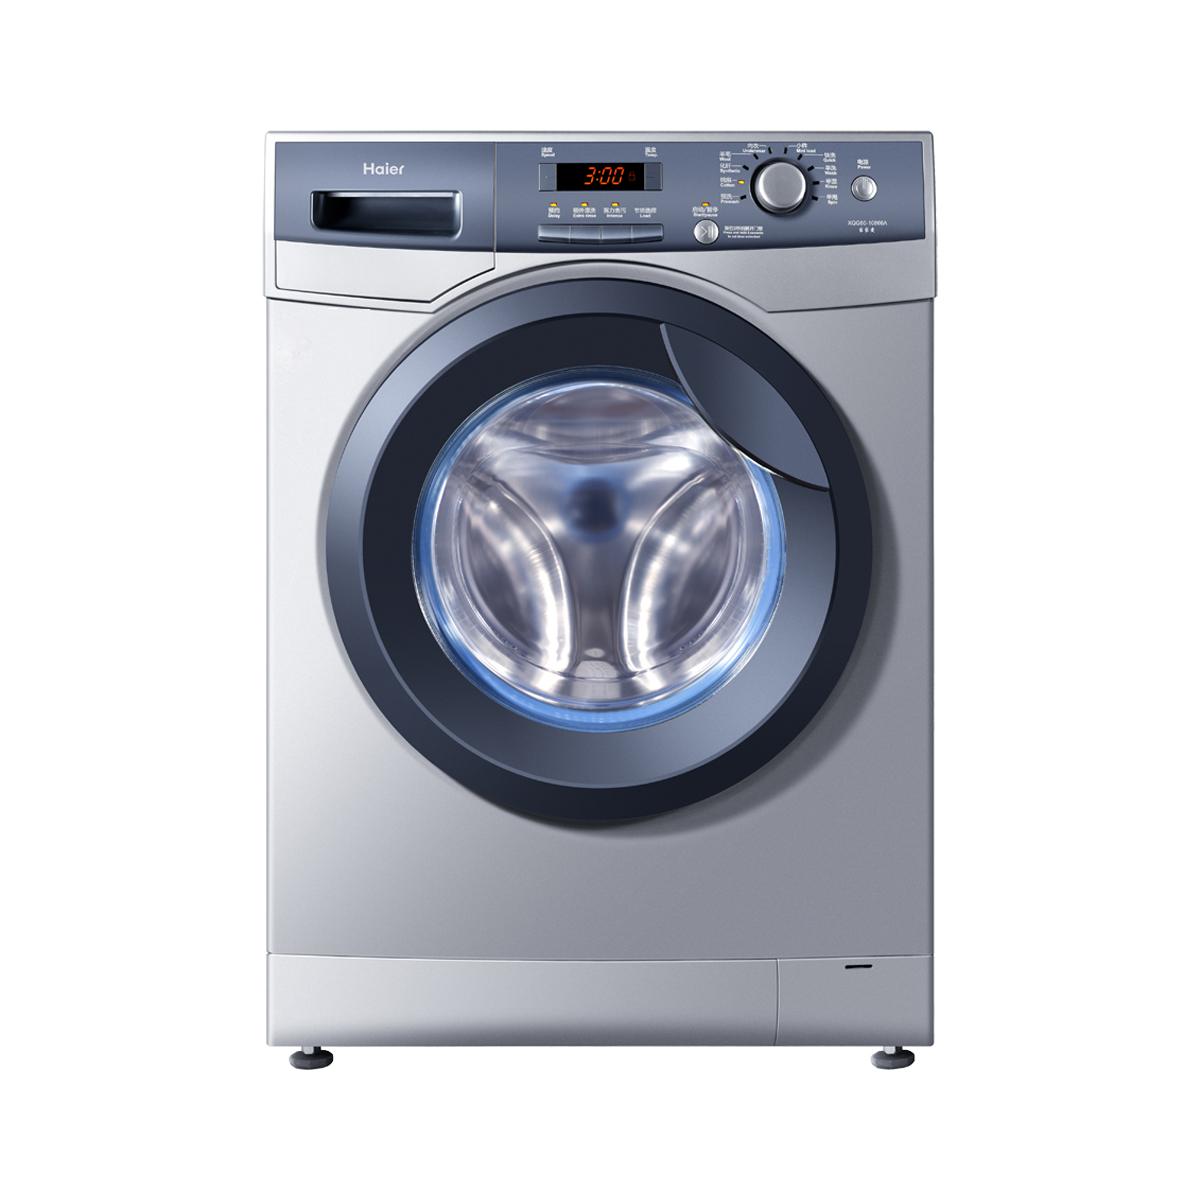 海尔Haier洗衣机 XQG60-10866A 说明书